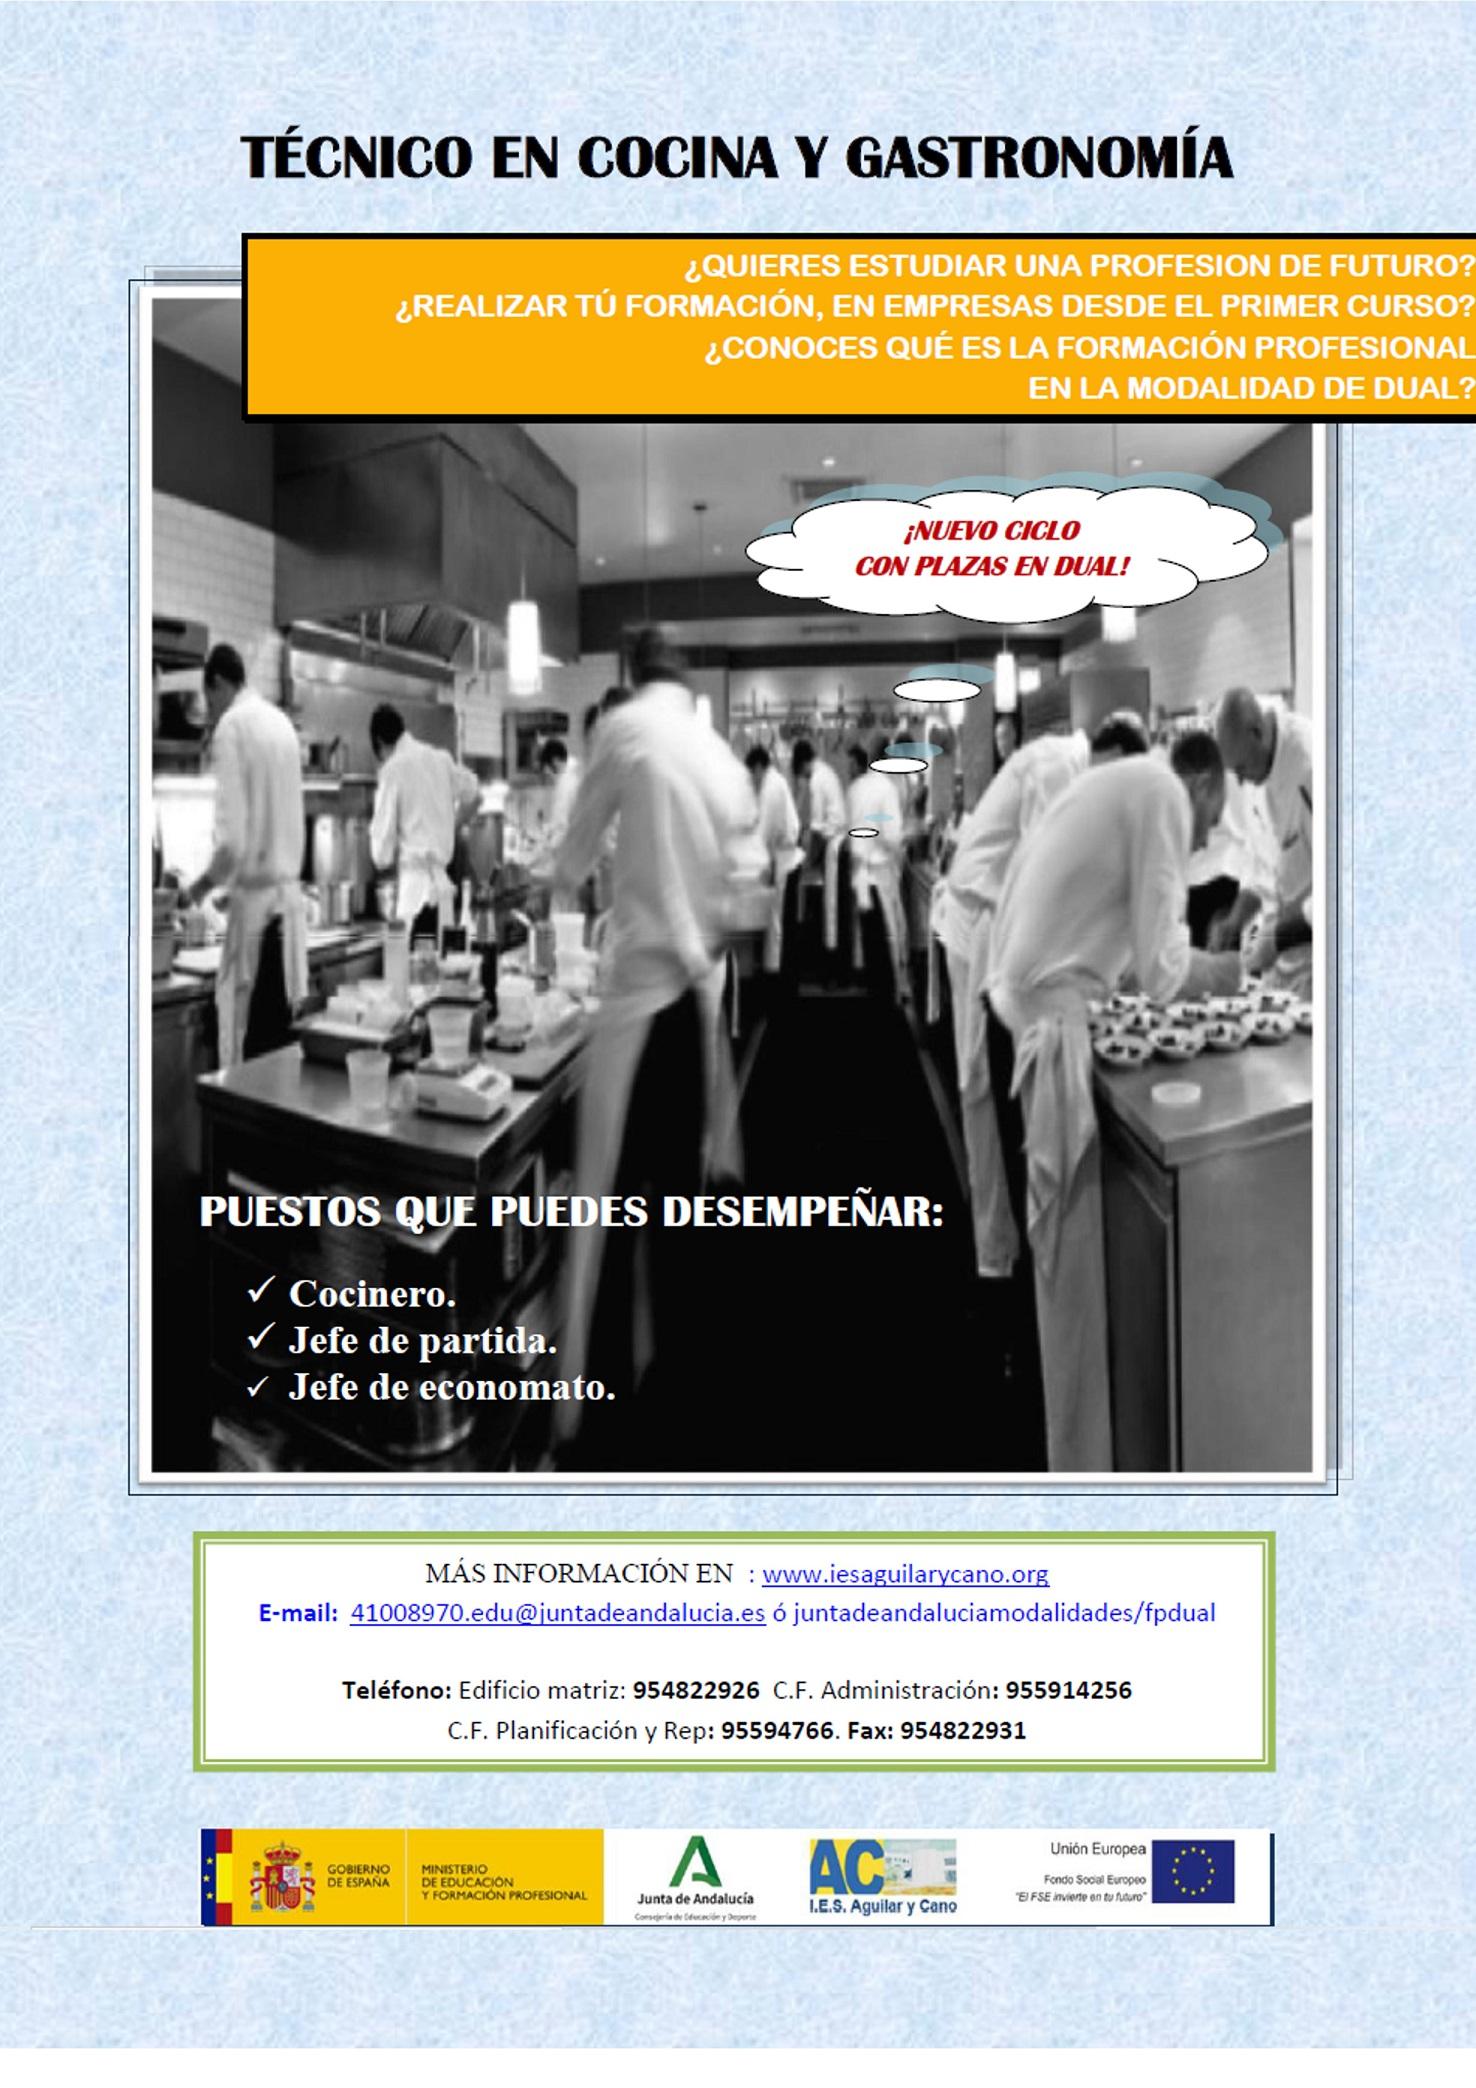 Cartel publicitario CF de Cocina